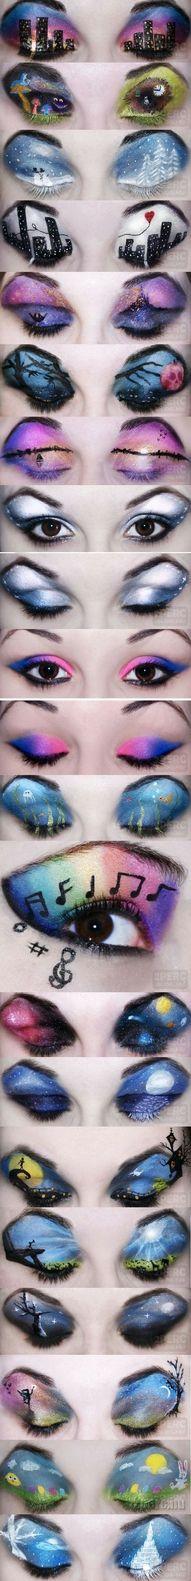 cool artistic makeup